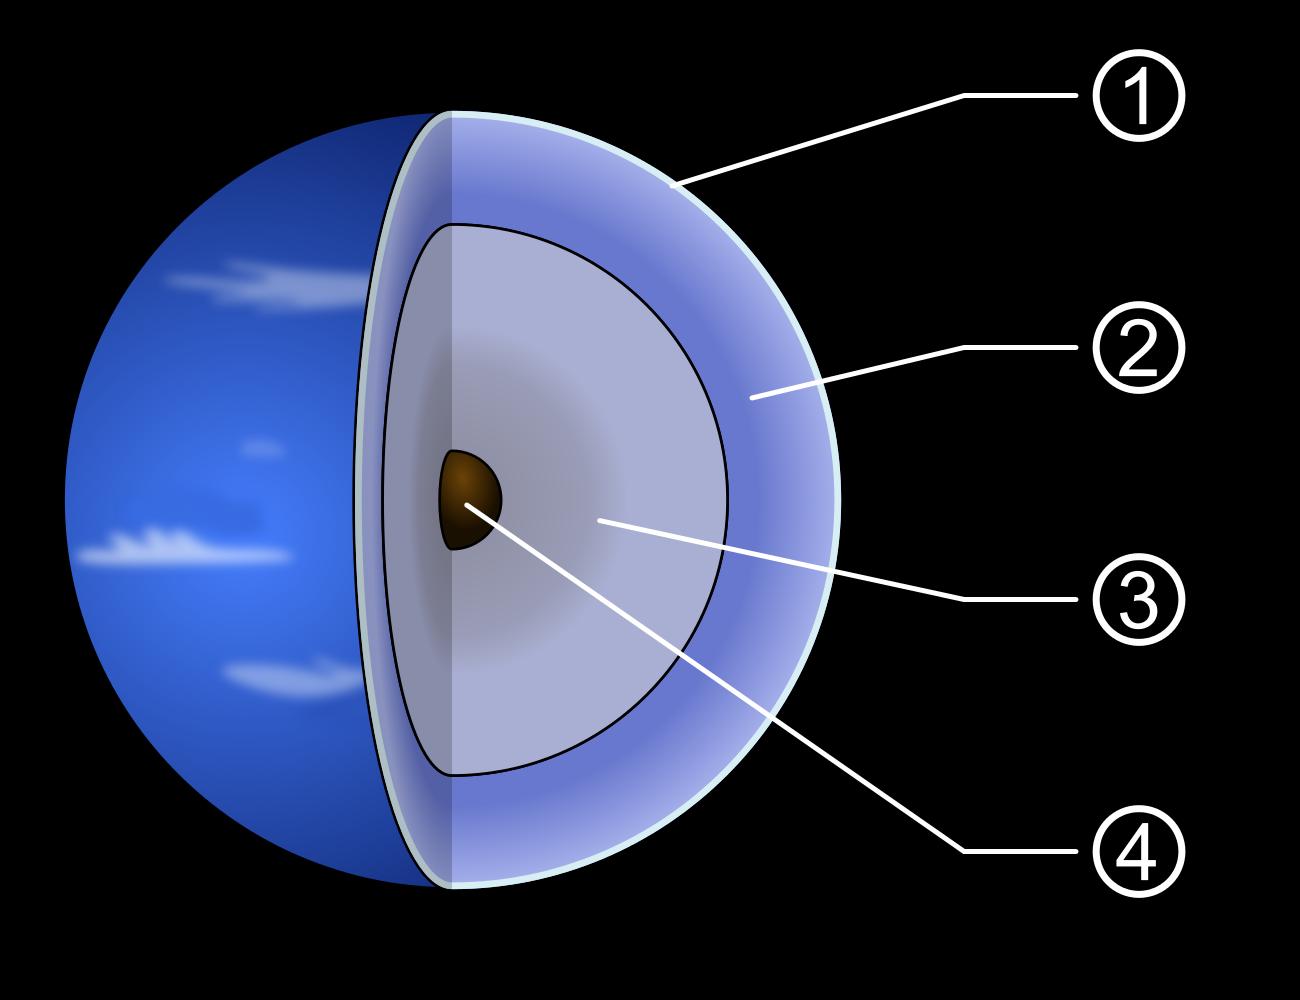 Поверхности планет солнечной системы